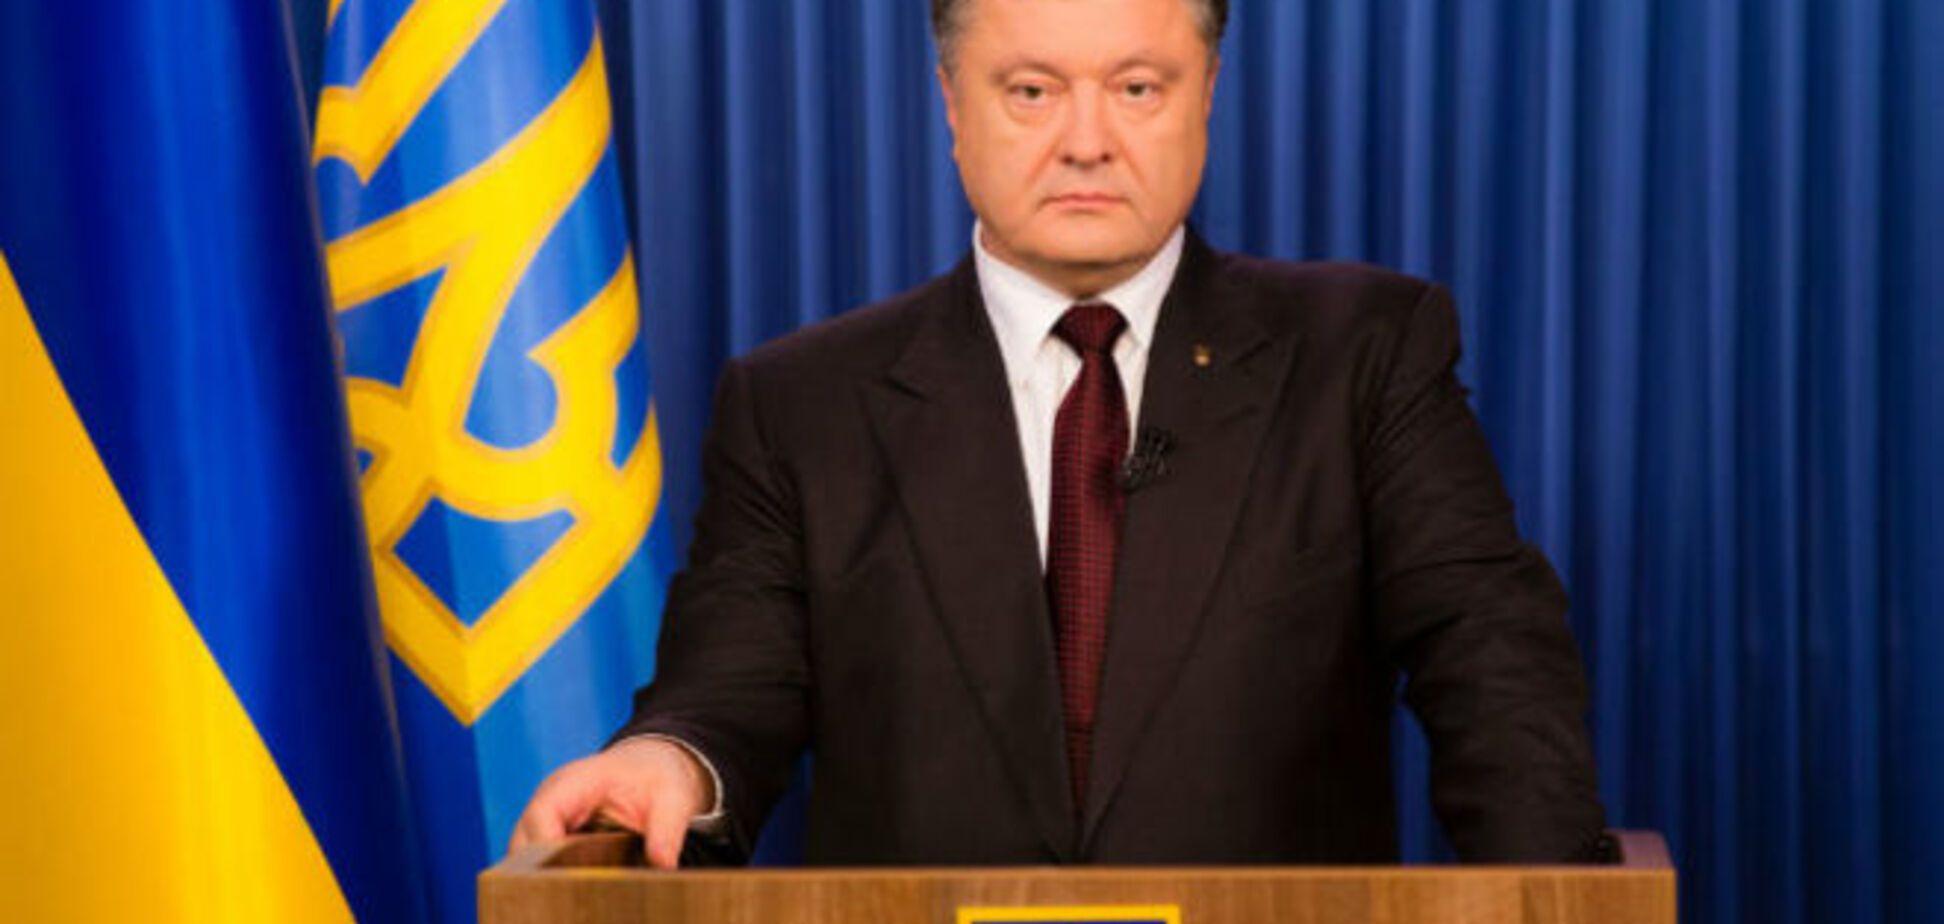 Порошенко о псевдовыборах на Донбассе:  фарс под дулами танков и автоматов